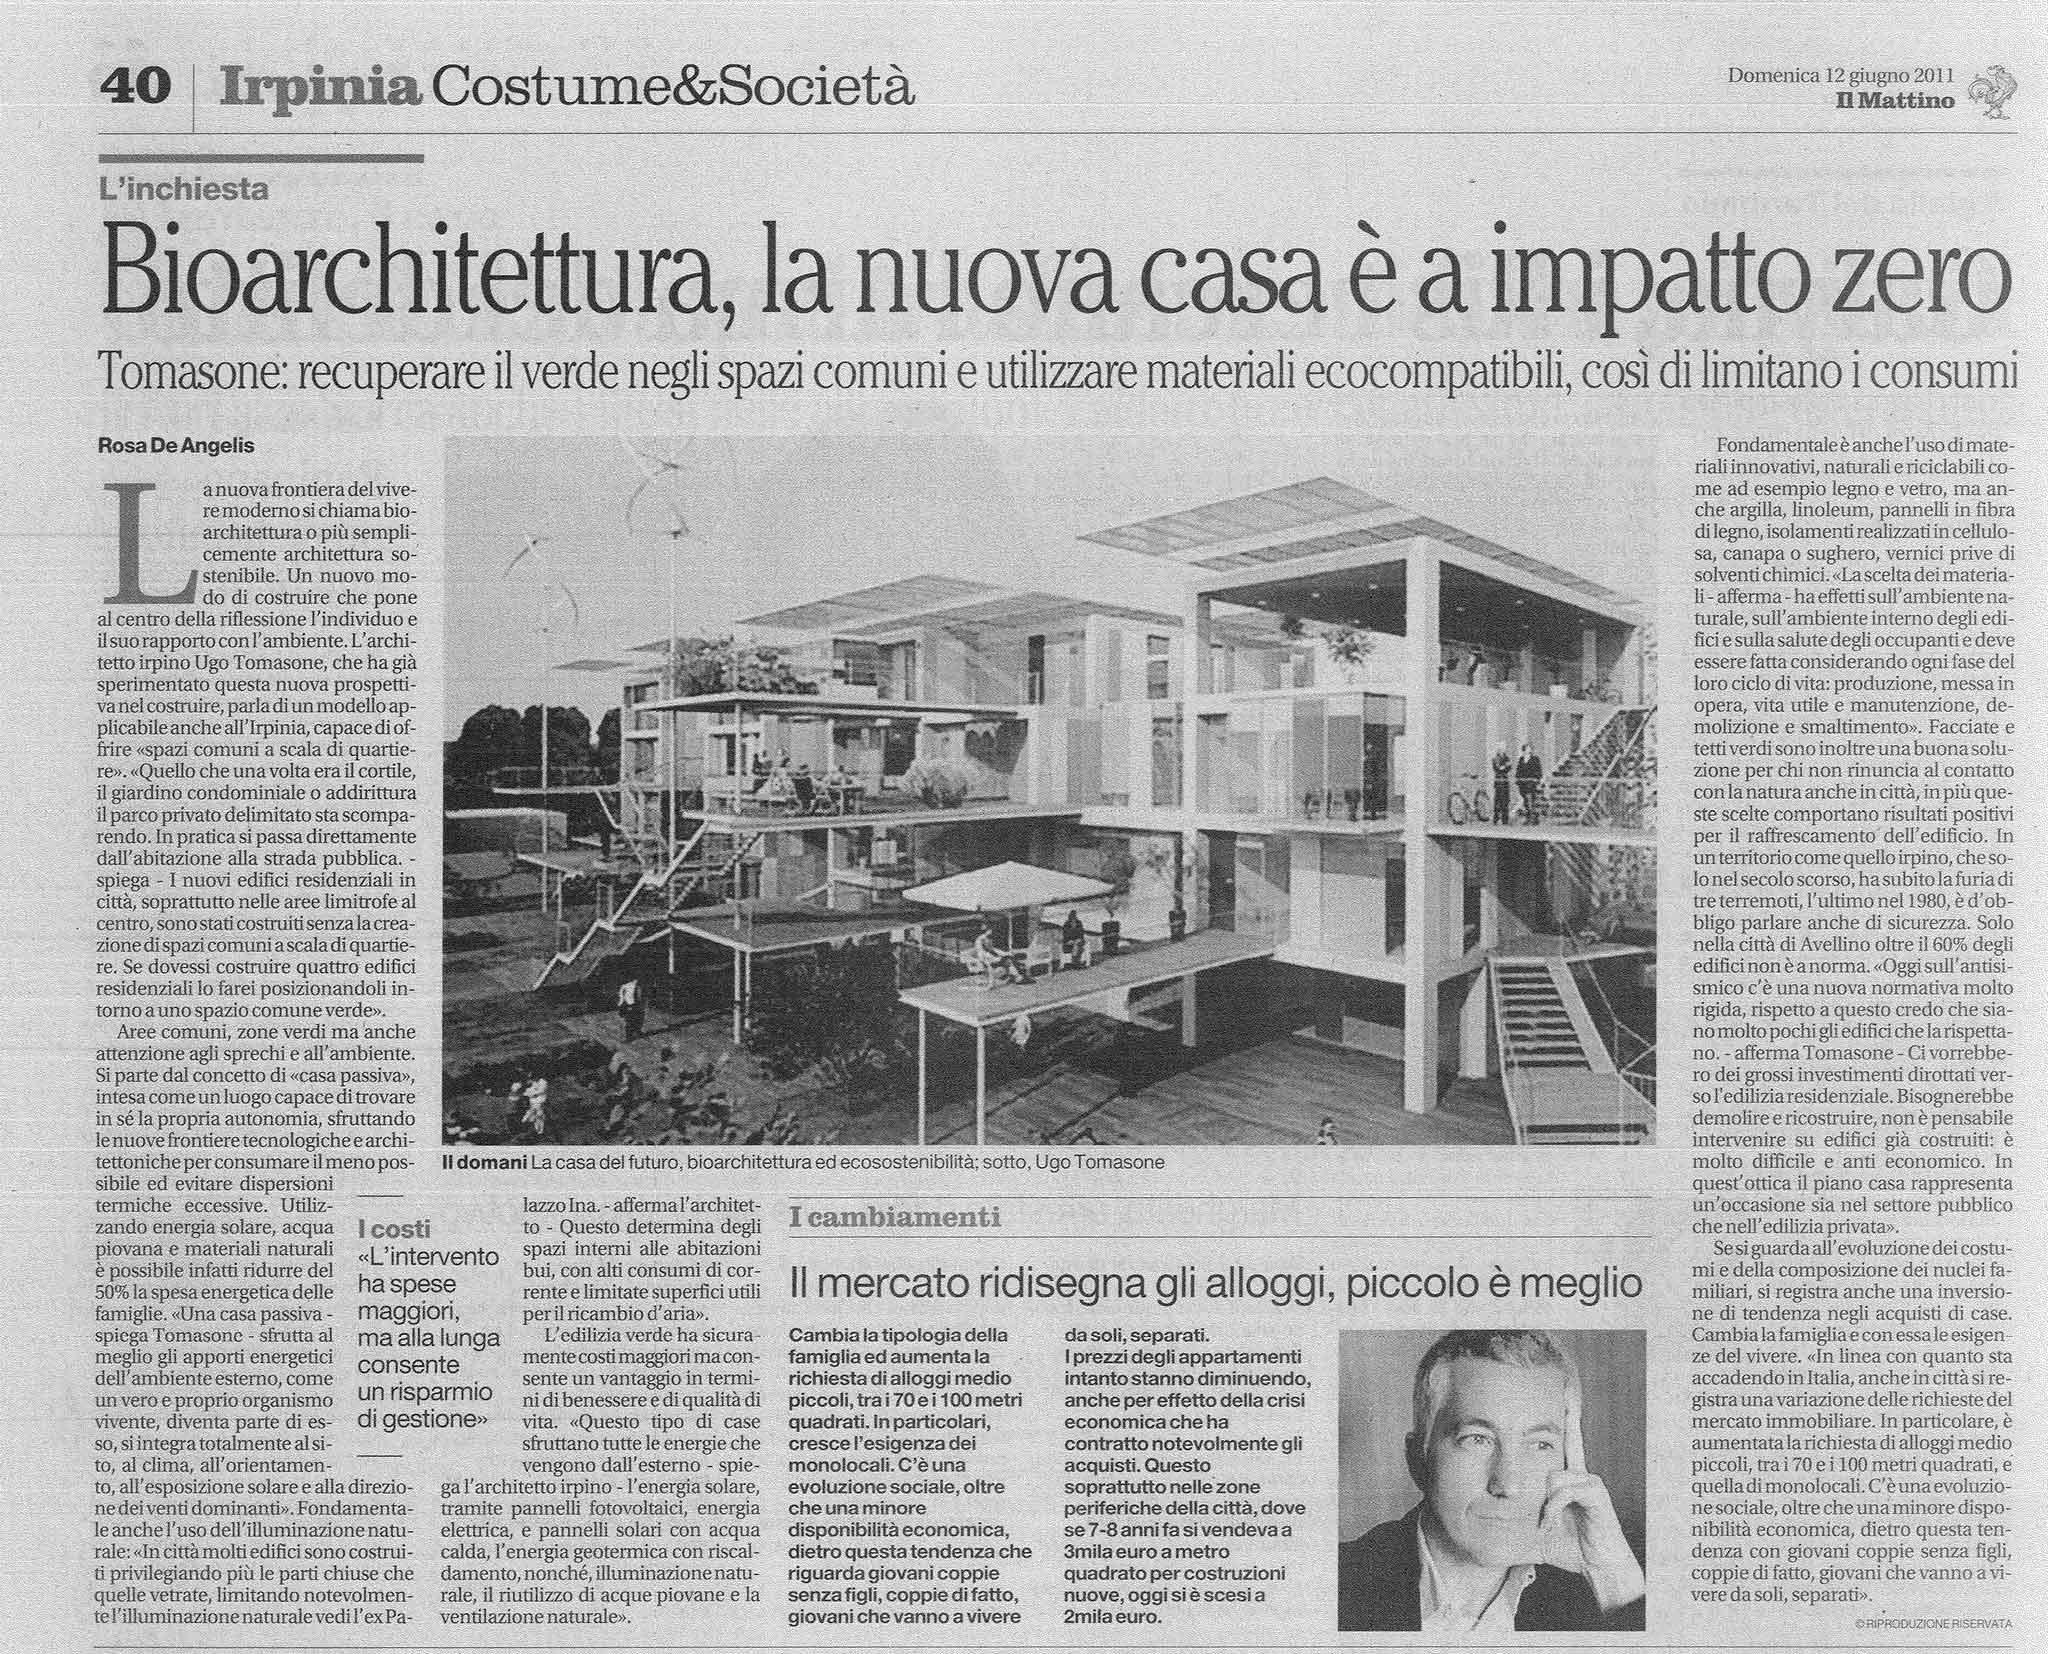 Articolo Il Mattino 12.6.2011